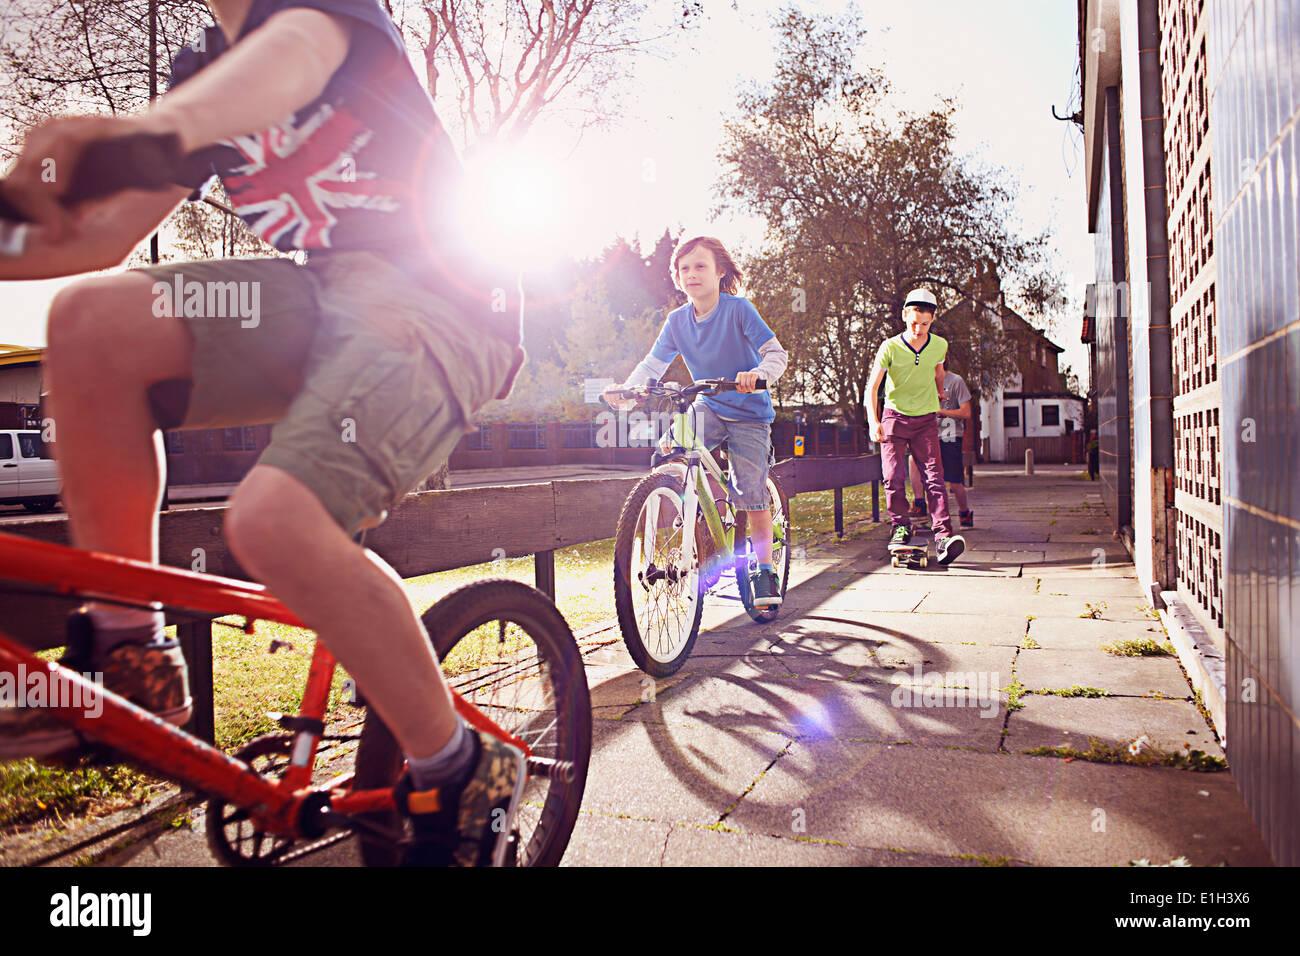 Los chicos andando en bicicleta Imagen De Stock